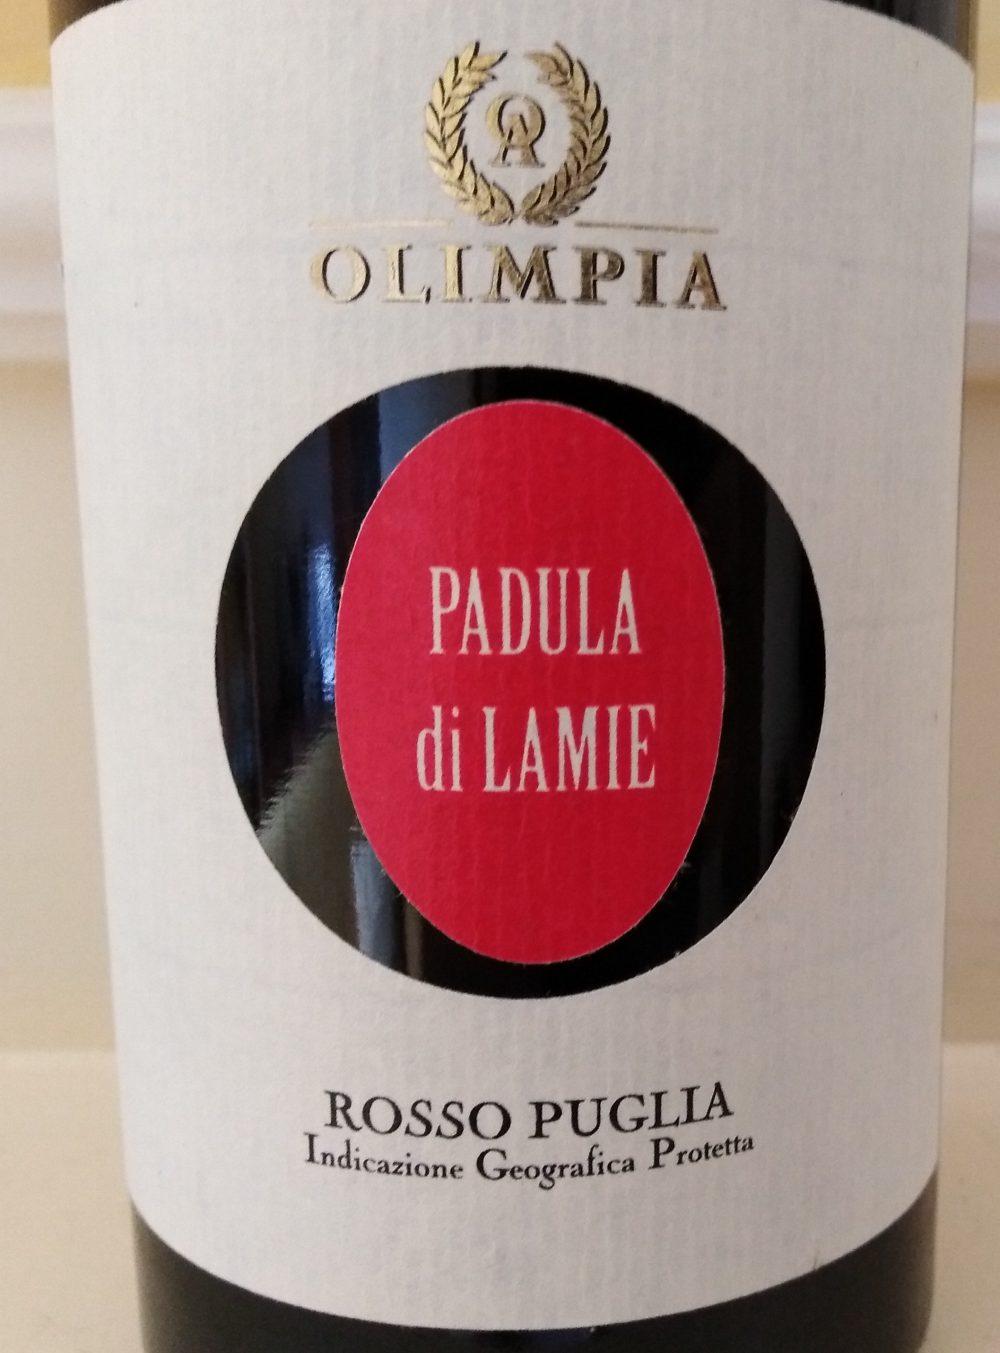 Padula di Lamie Puglia Rosso Igp 2014 Olimpia